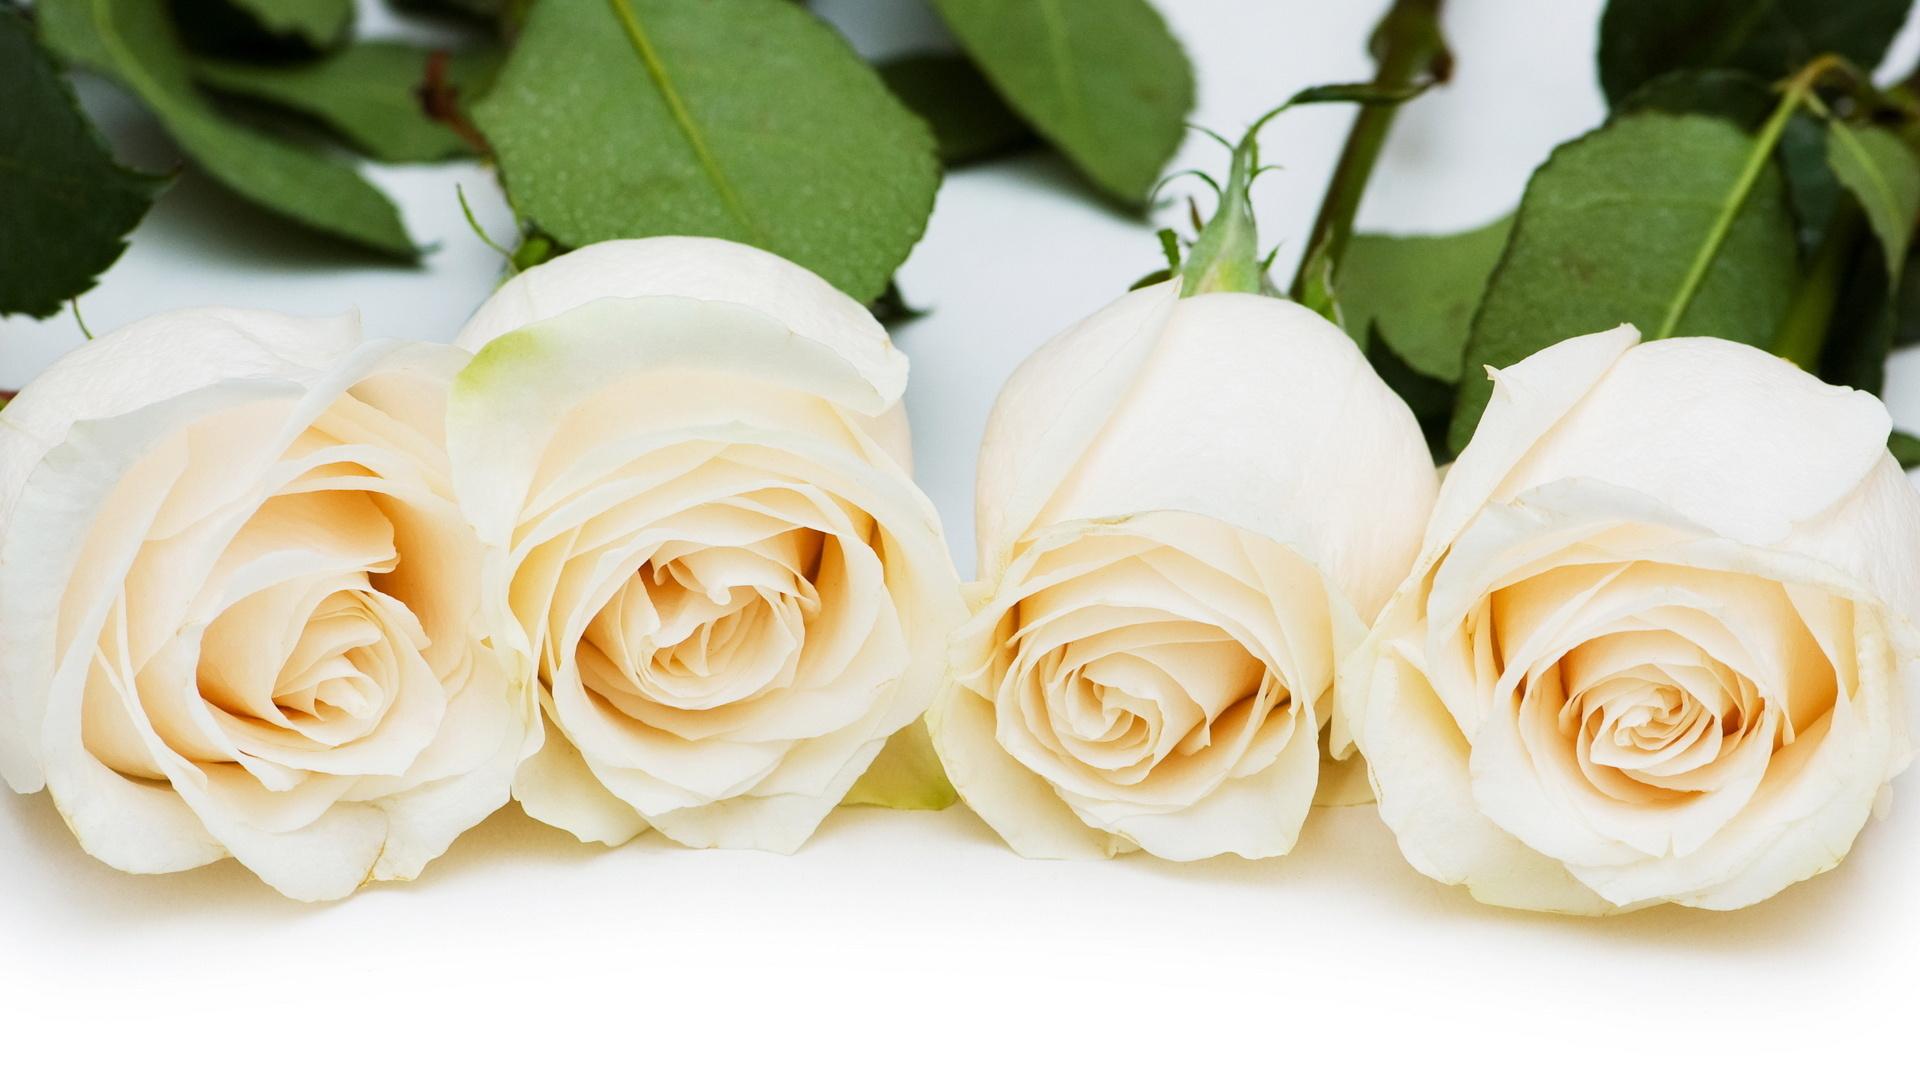 обои на рабочий стол 1920x1080 розы № 43201 бесплатно